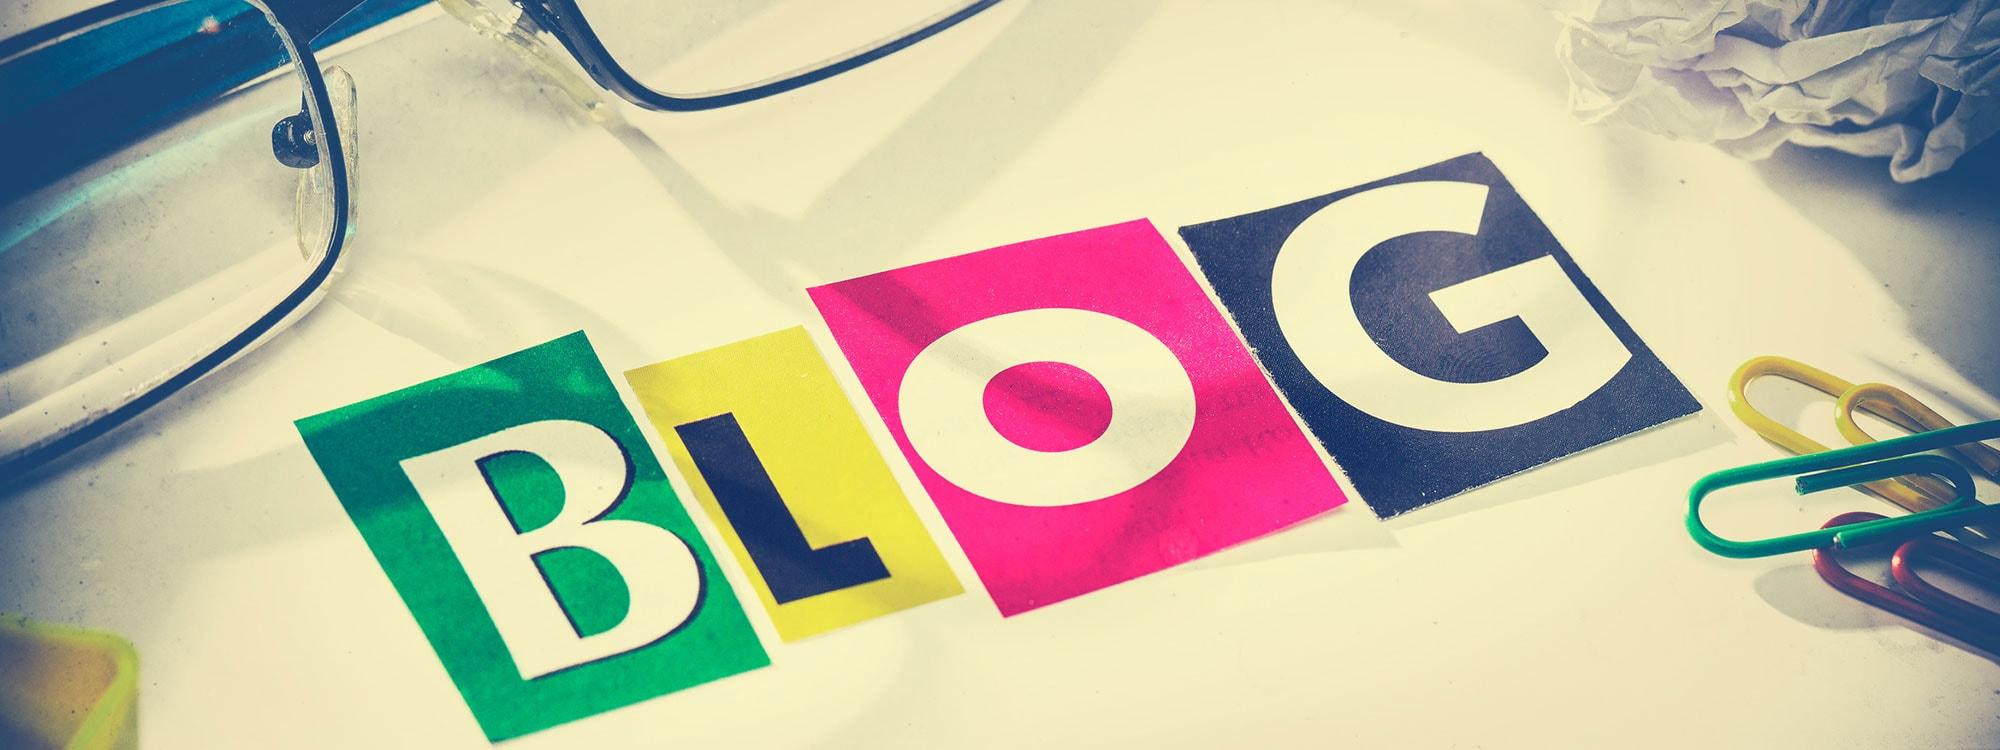 بارایابی محتوا با وبلاگ